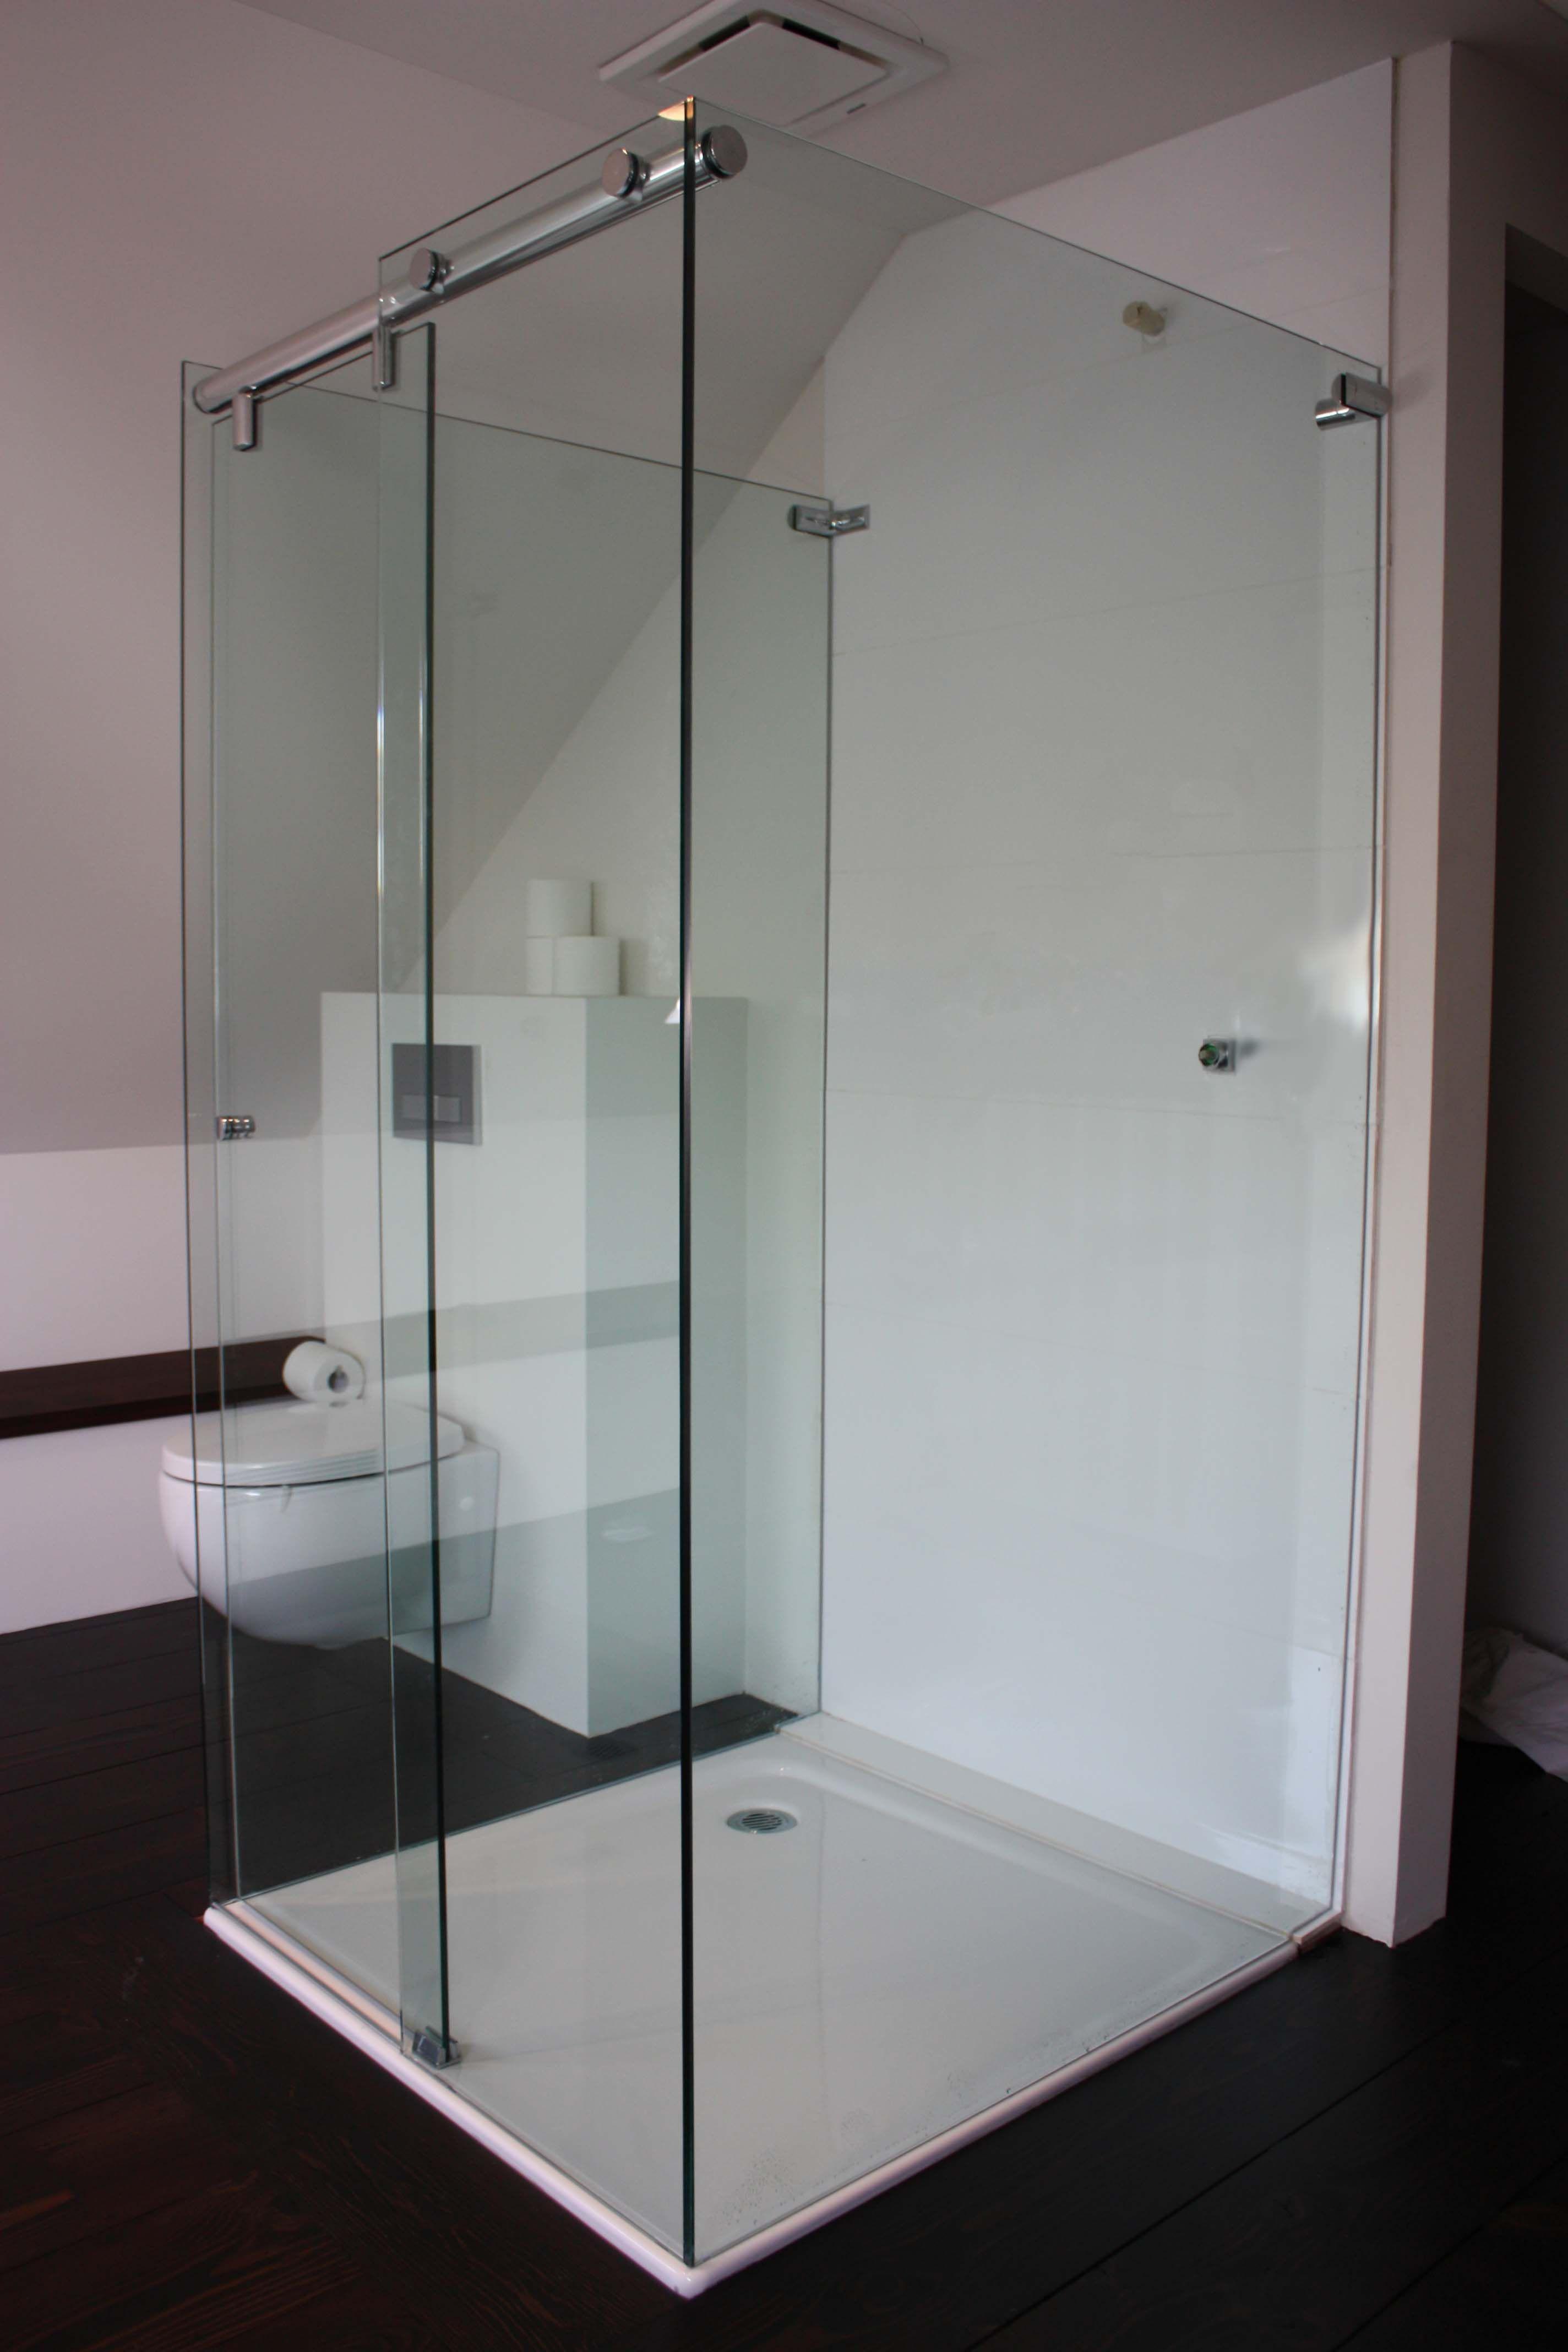 custom made frameless sliding shower screen by White Bathroom Co ...